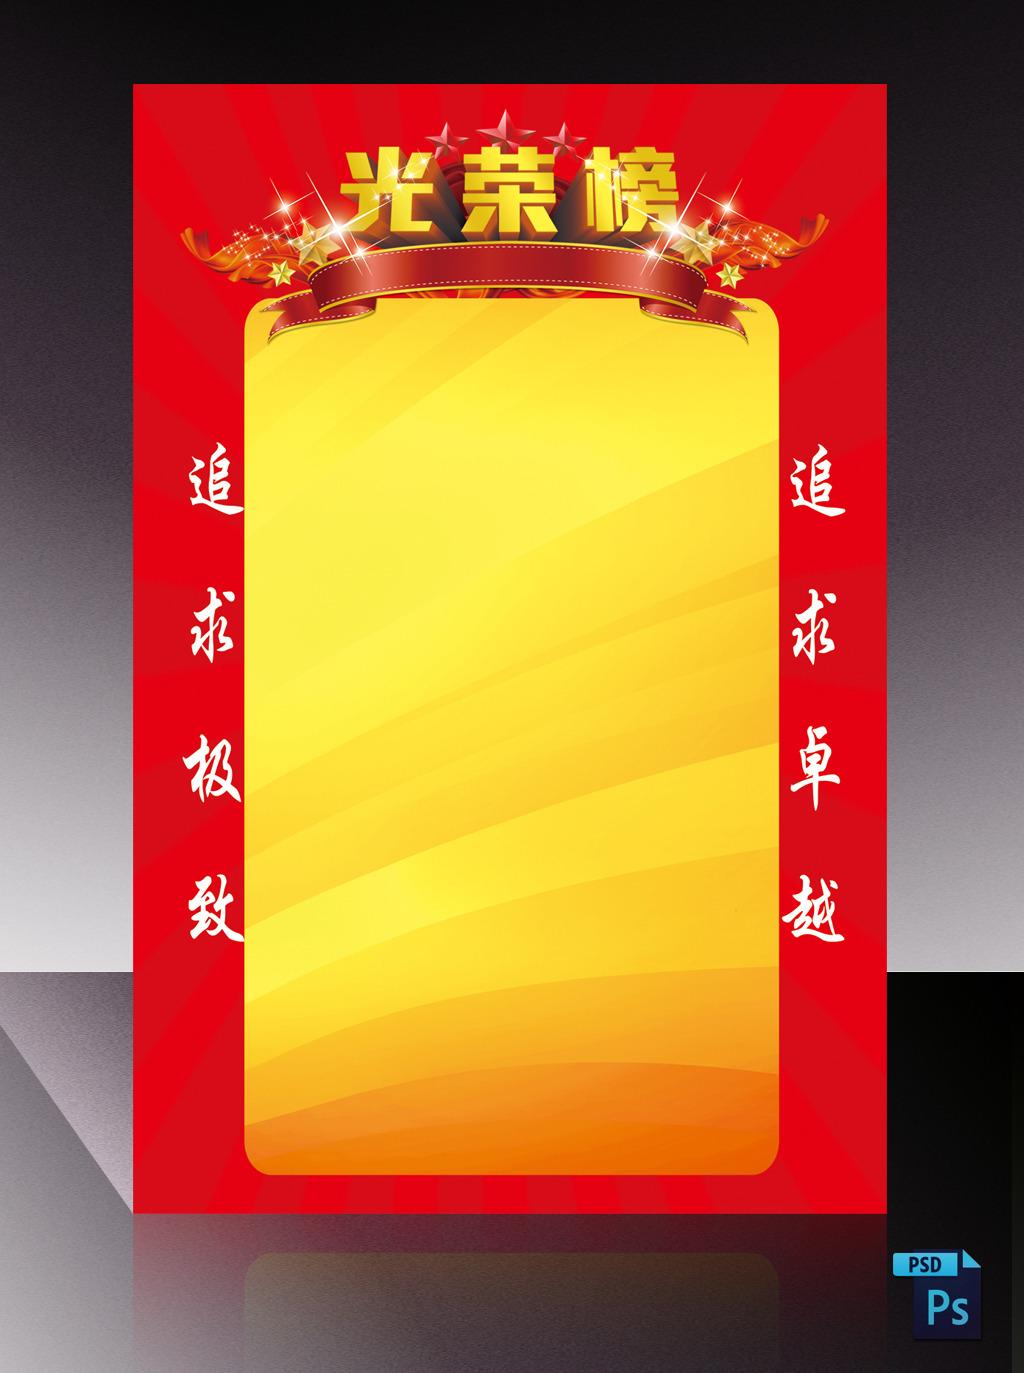 光荣榜模版模板下载(图片编号:11965458)_展板背景(半